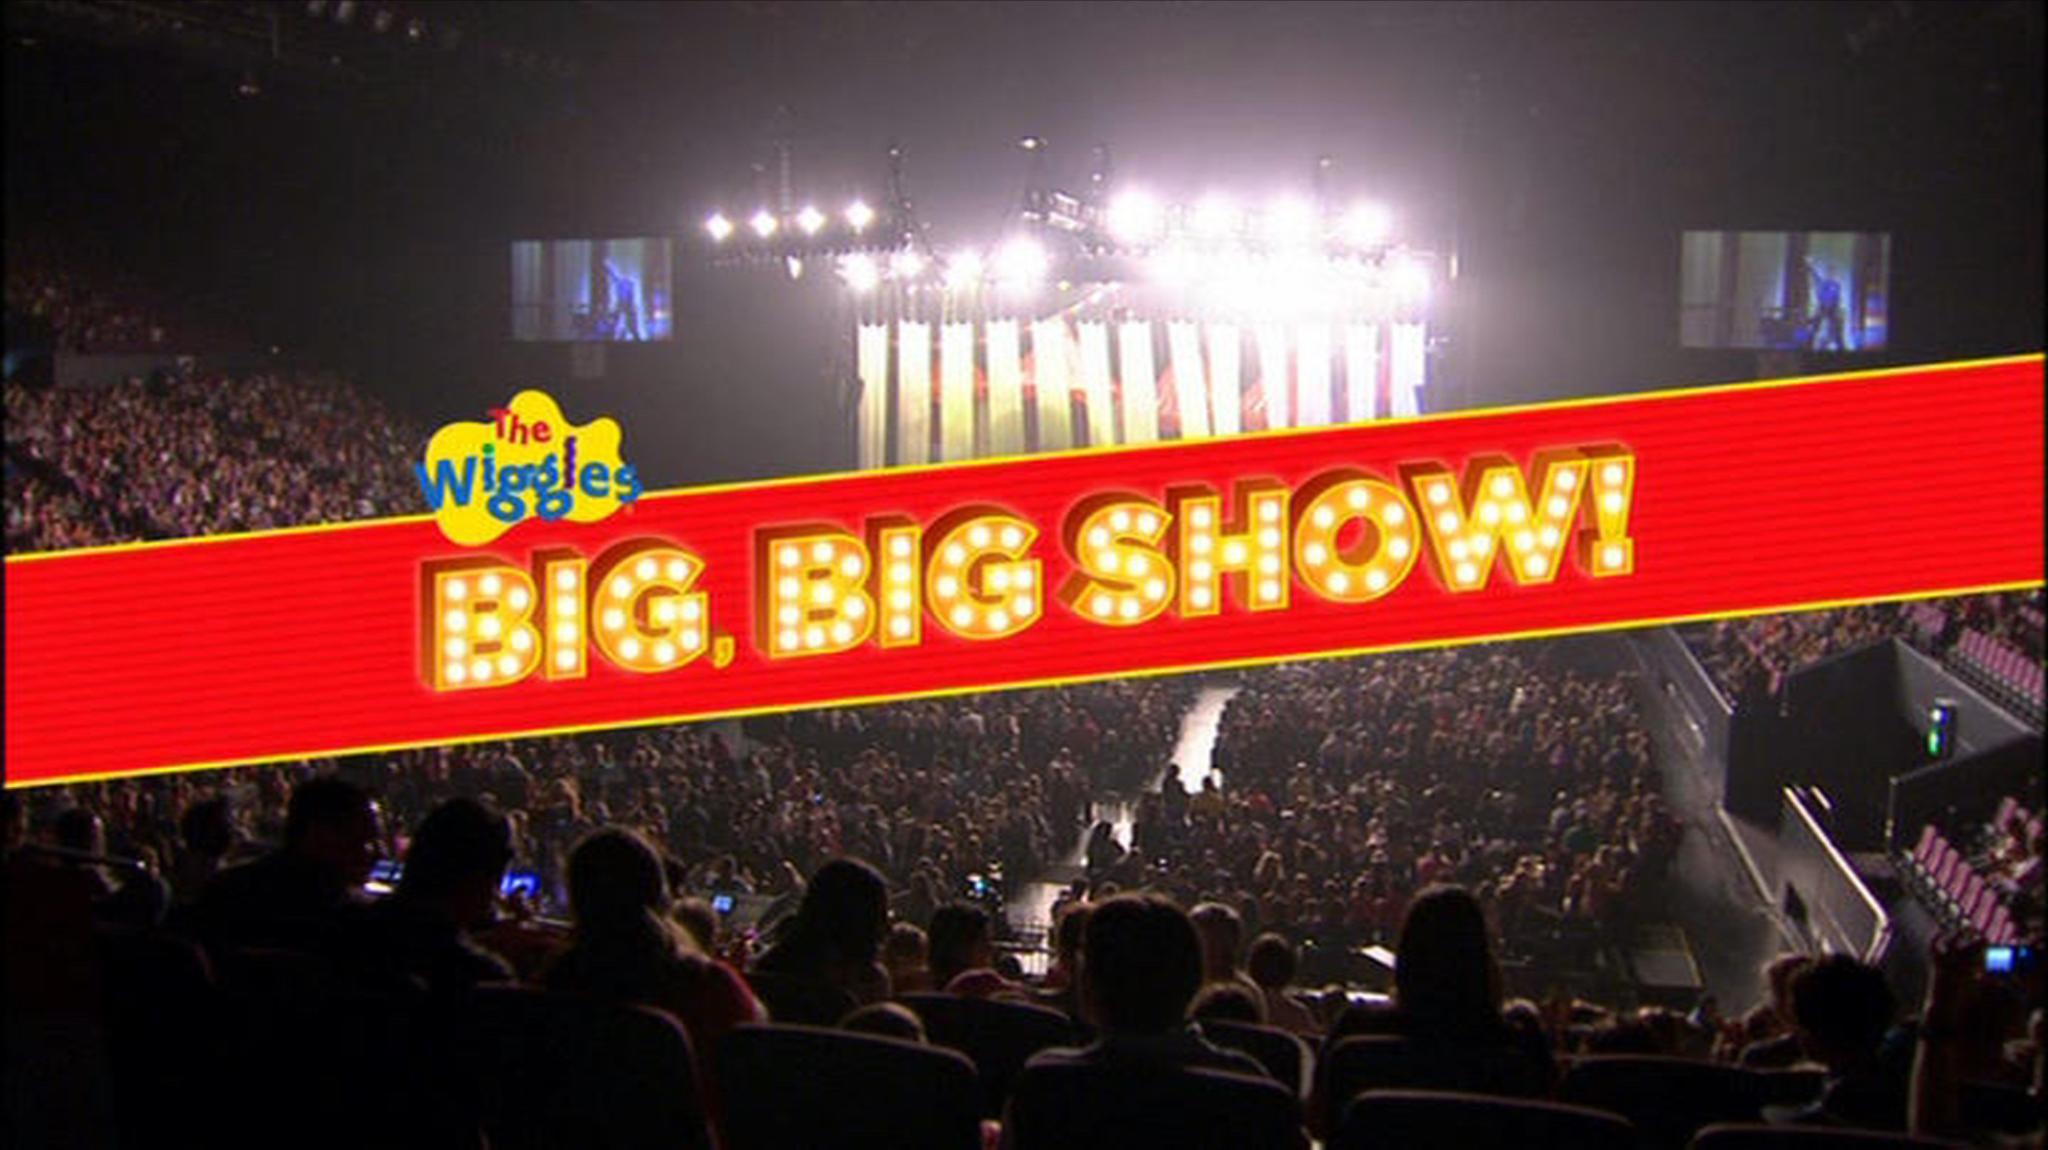 The Wiggles Big, Big Show!/Transcript